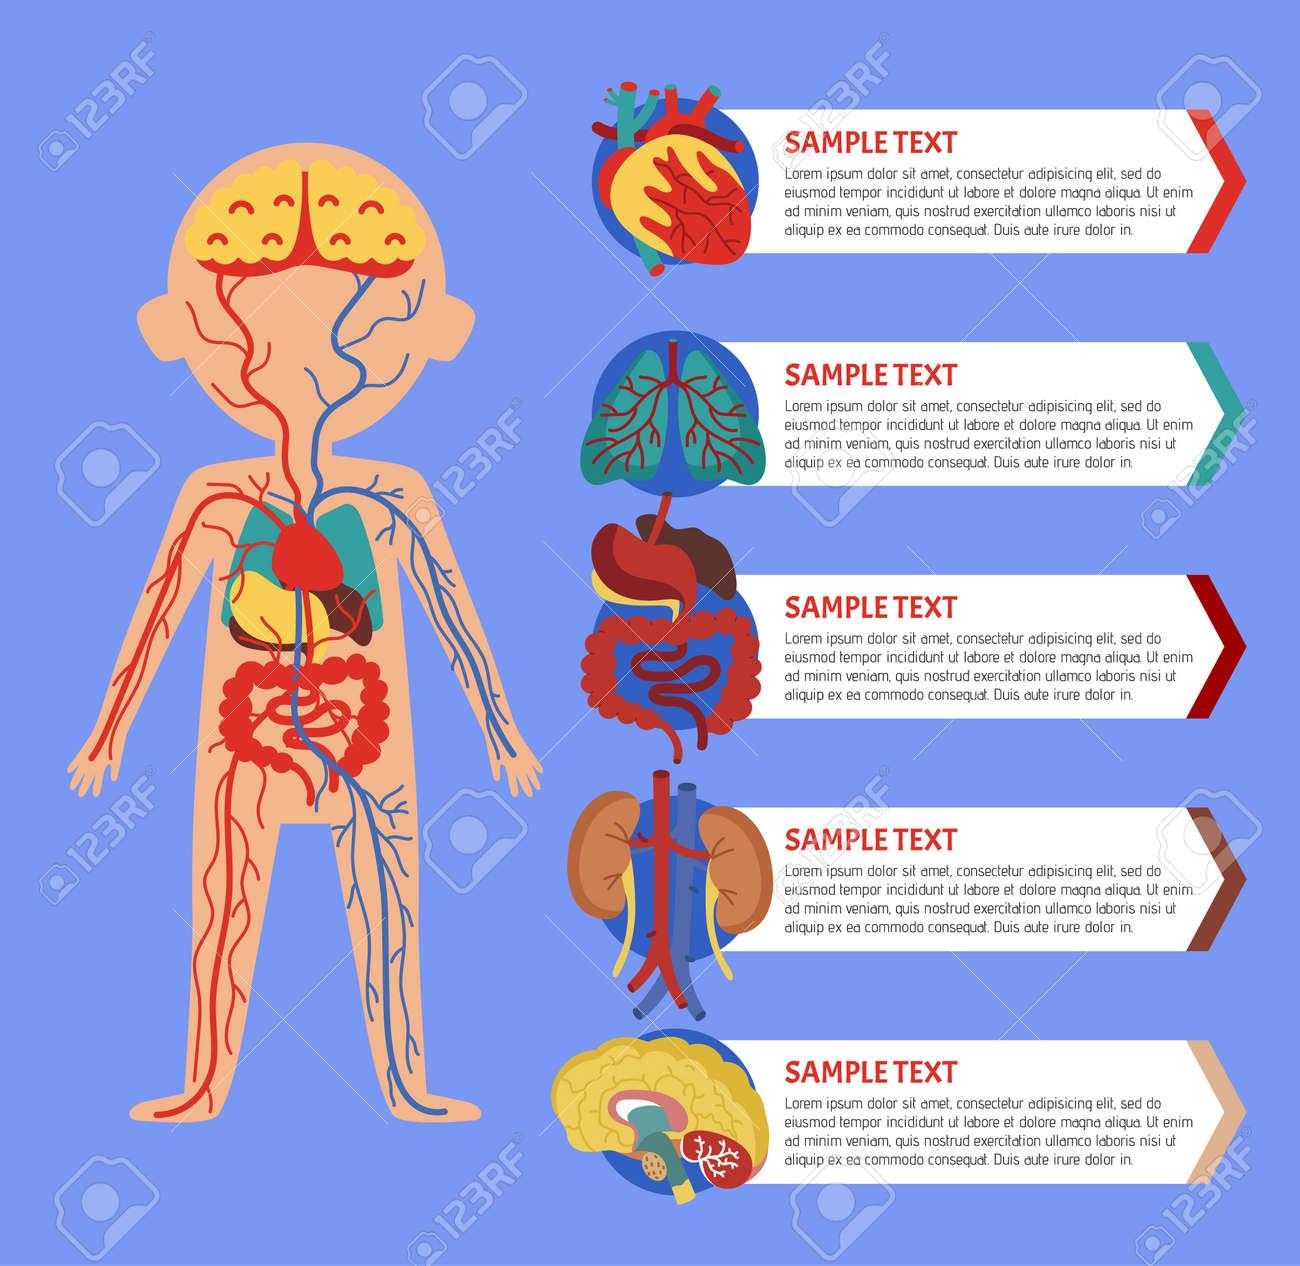 Medizinisches Plakat Der Gesundheit Mit Anatomie Des Menschlichen ...